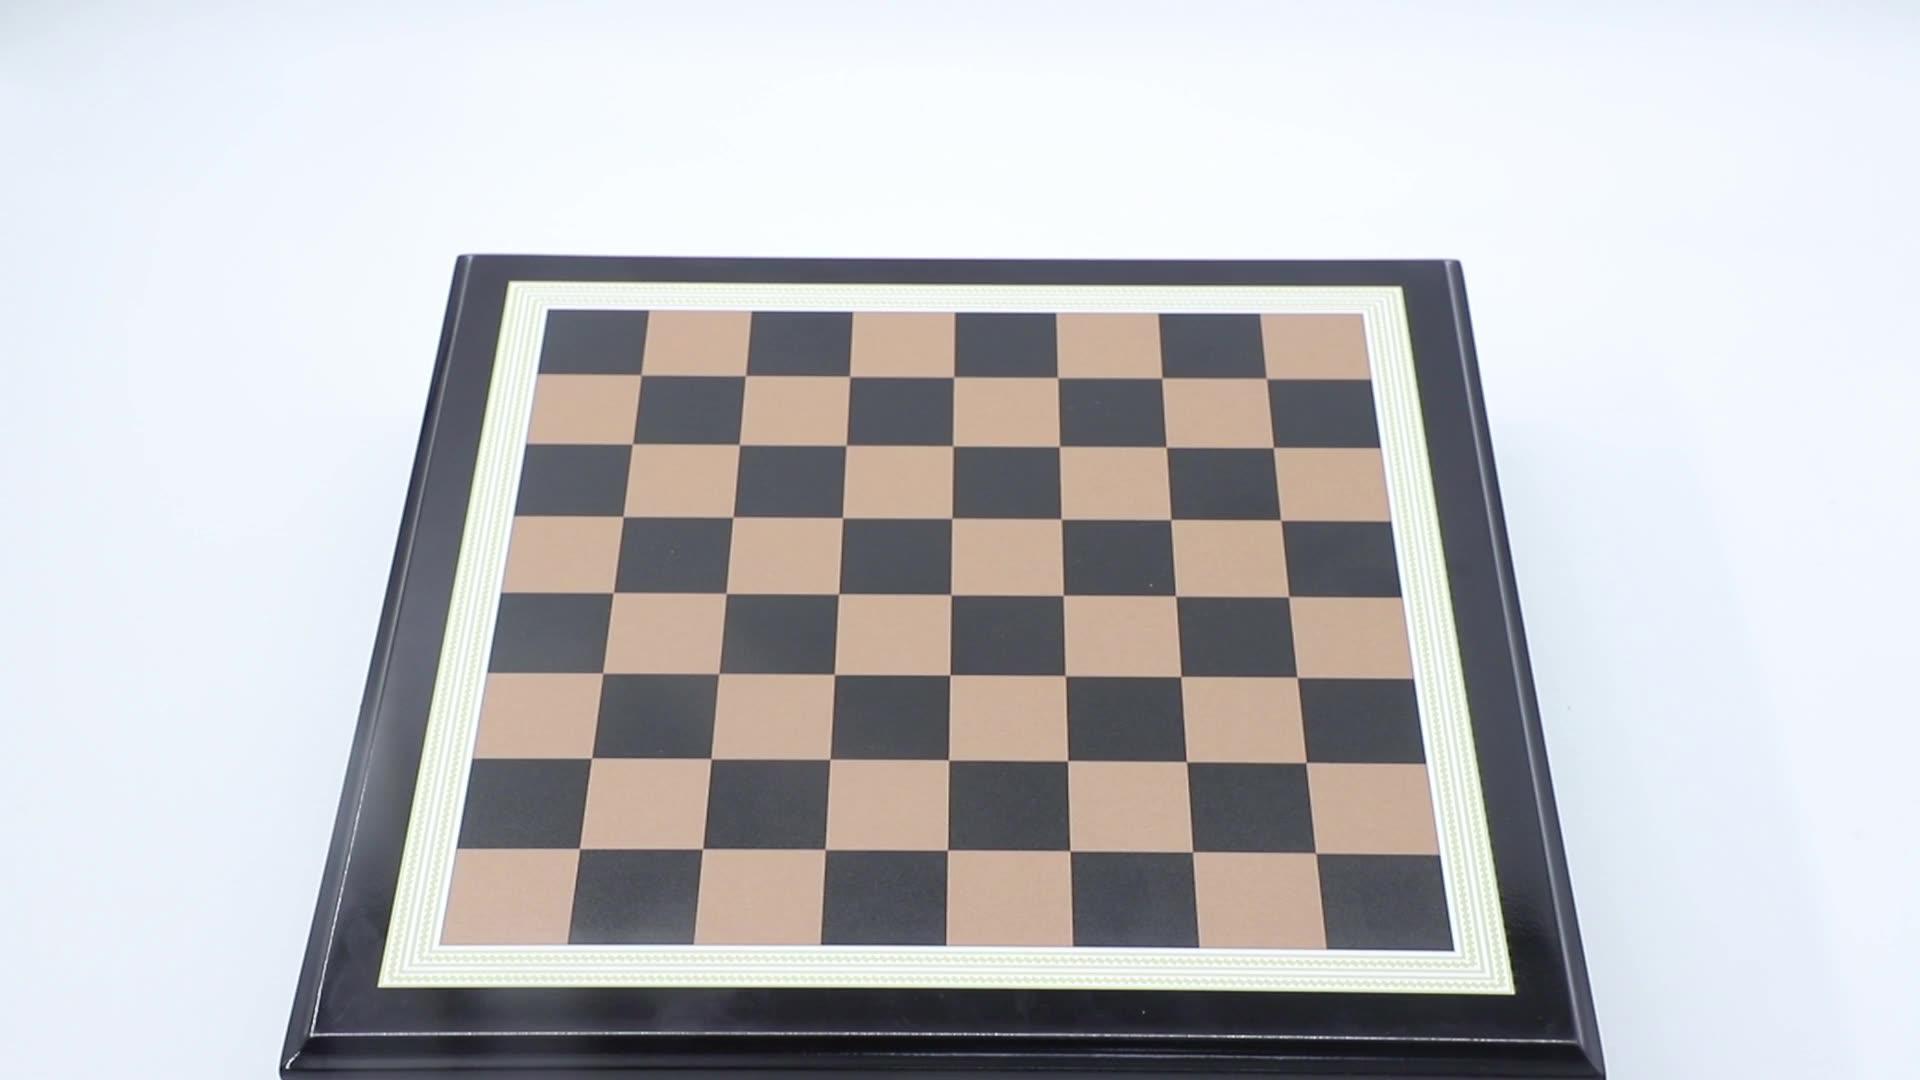 Gran oferta, venta al por mayor, piezas de ajedrez chapadas en oro/plata para la venta